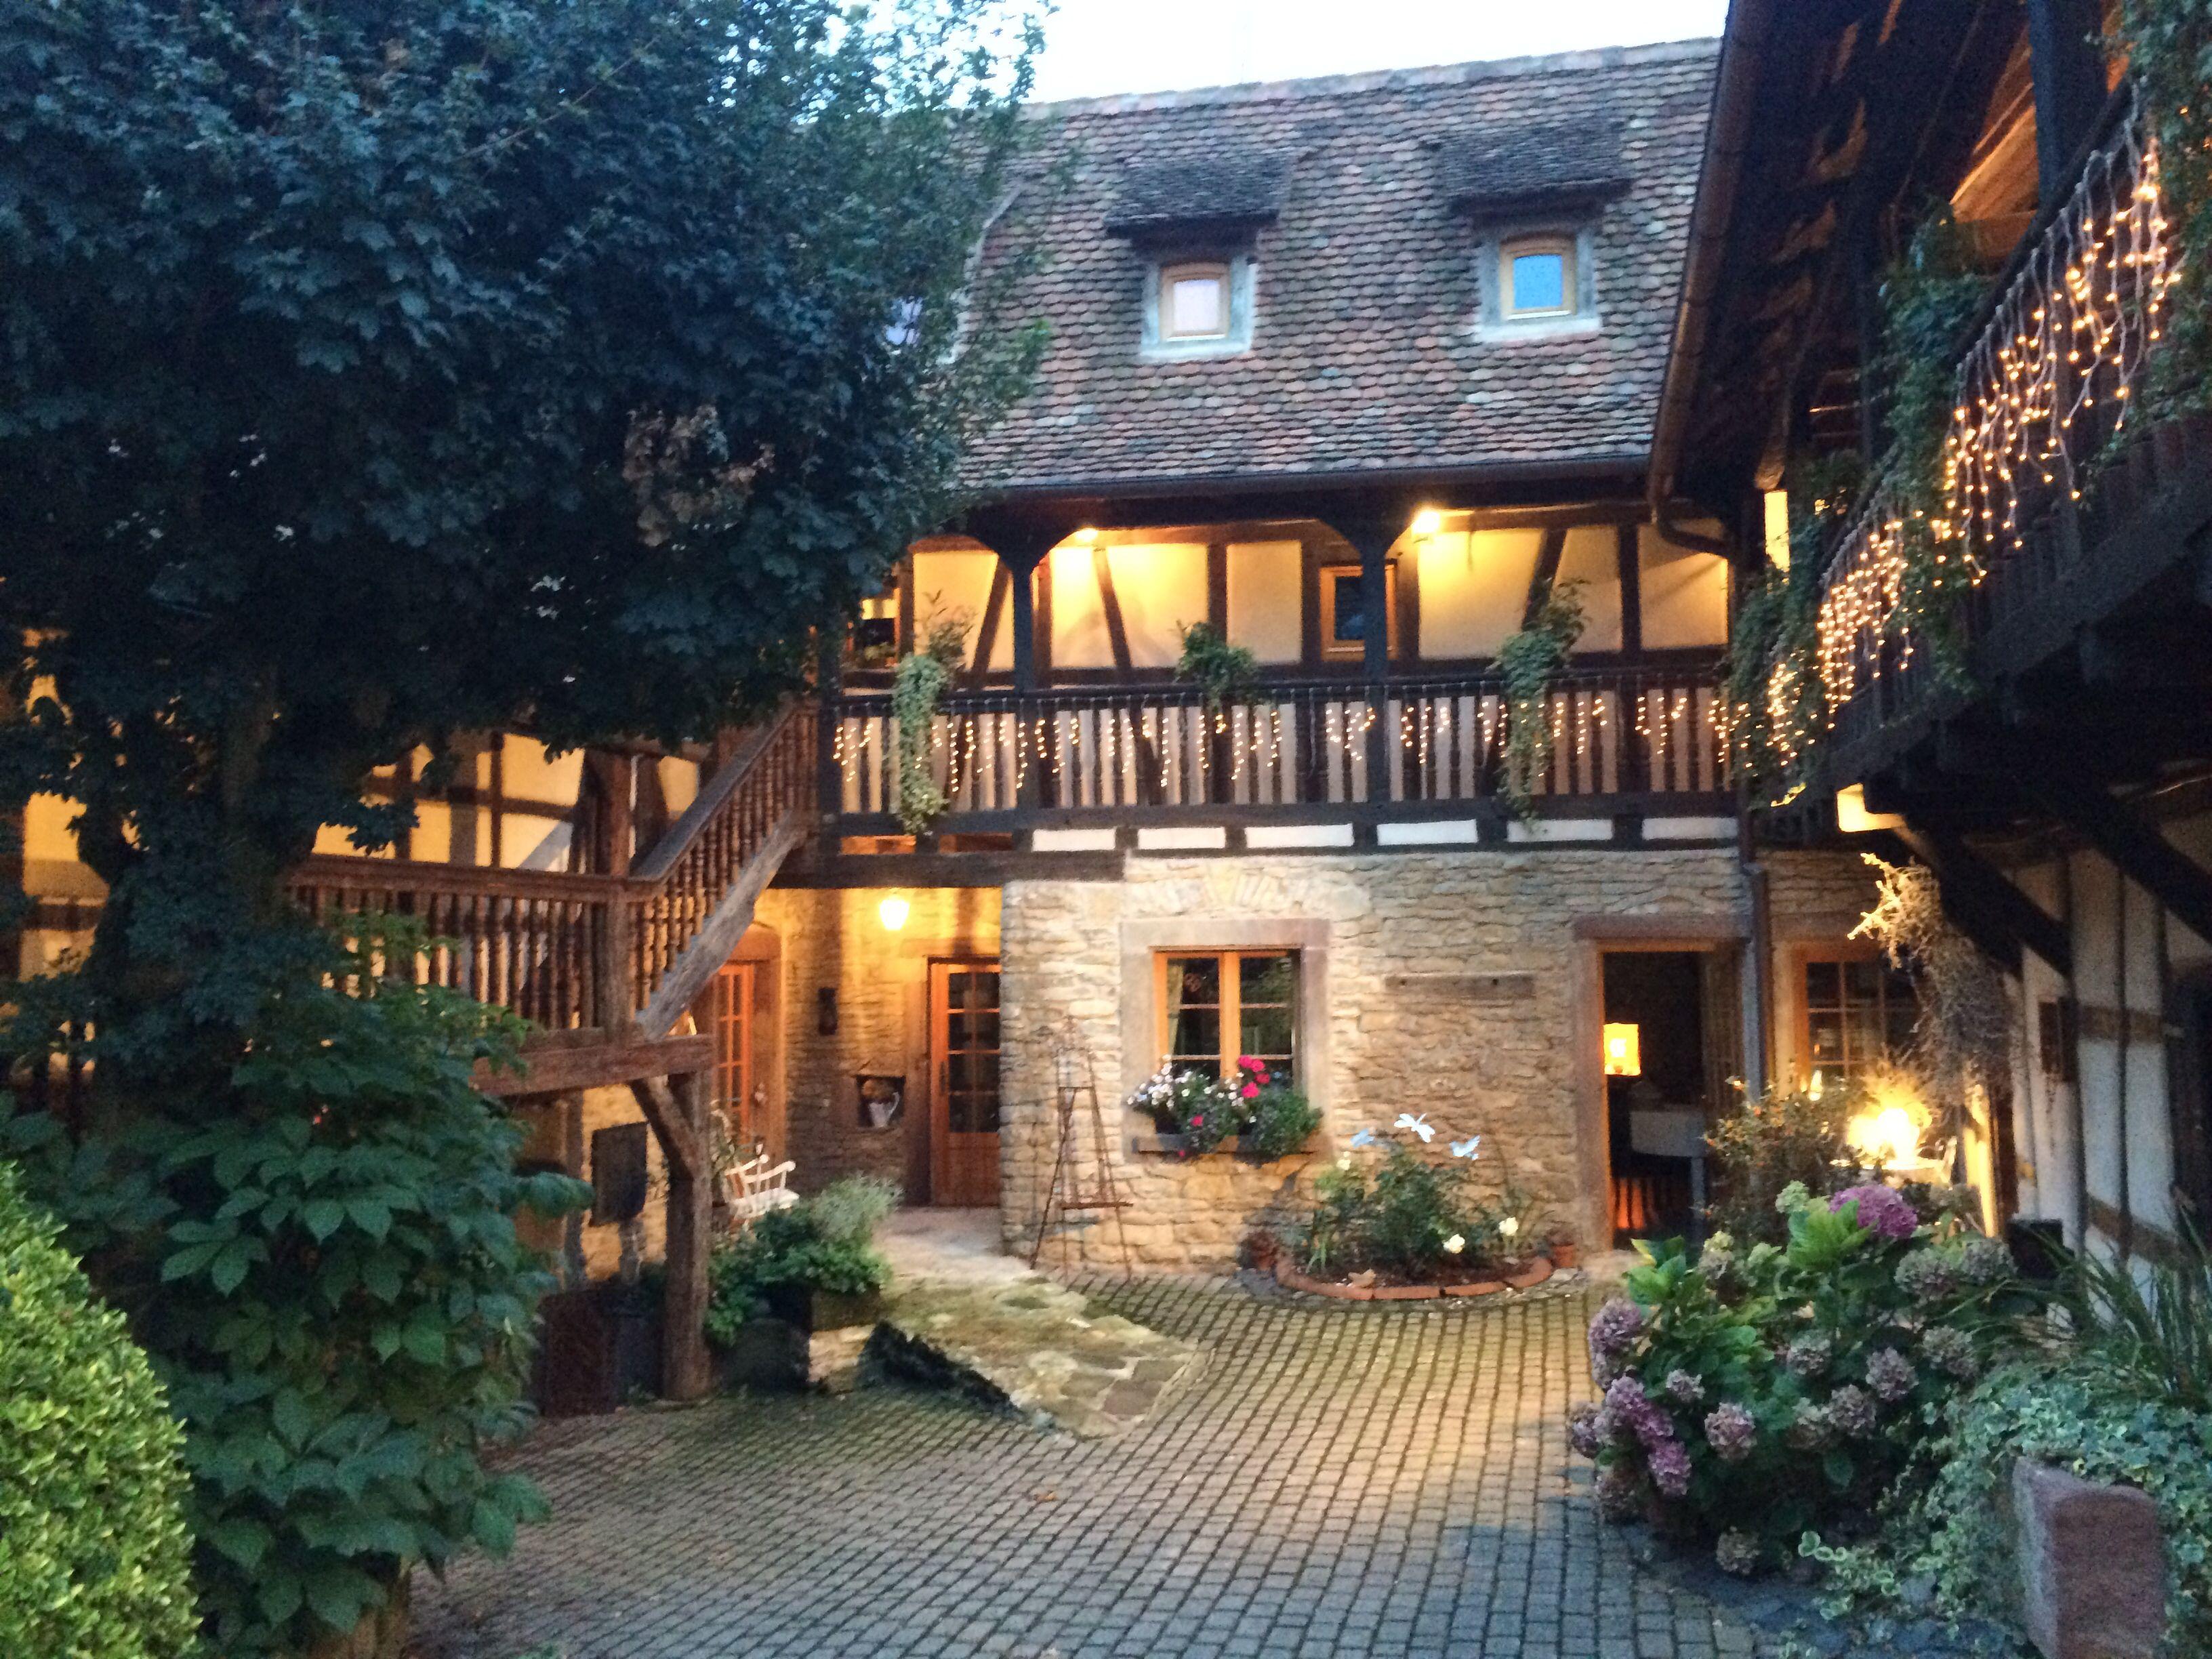 La Cour De Lise A Willgotheim Alsace Charmant Maison Alsacienne Maison D Hotes Maison